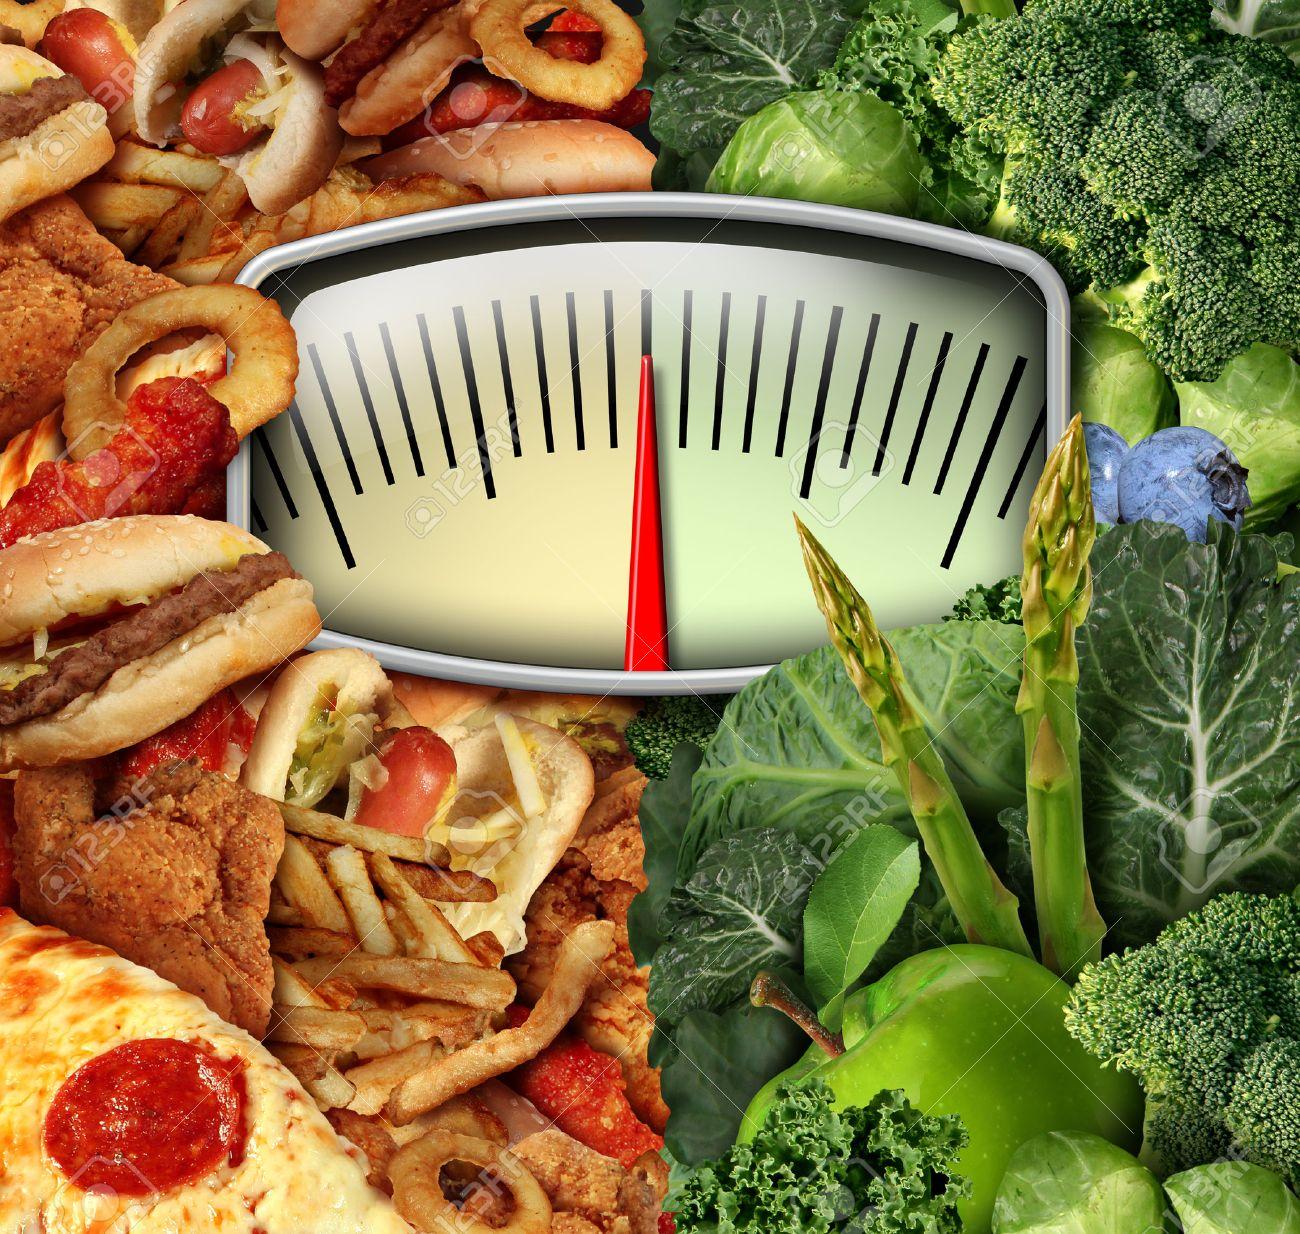 que frutas comer cuando se hace dieta